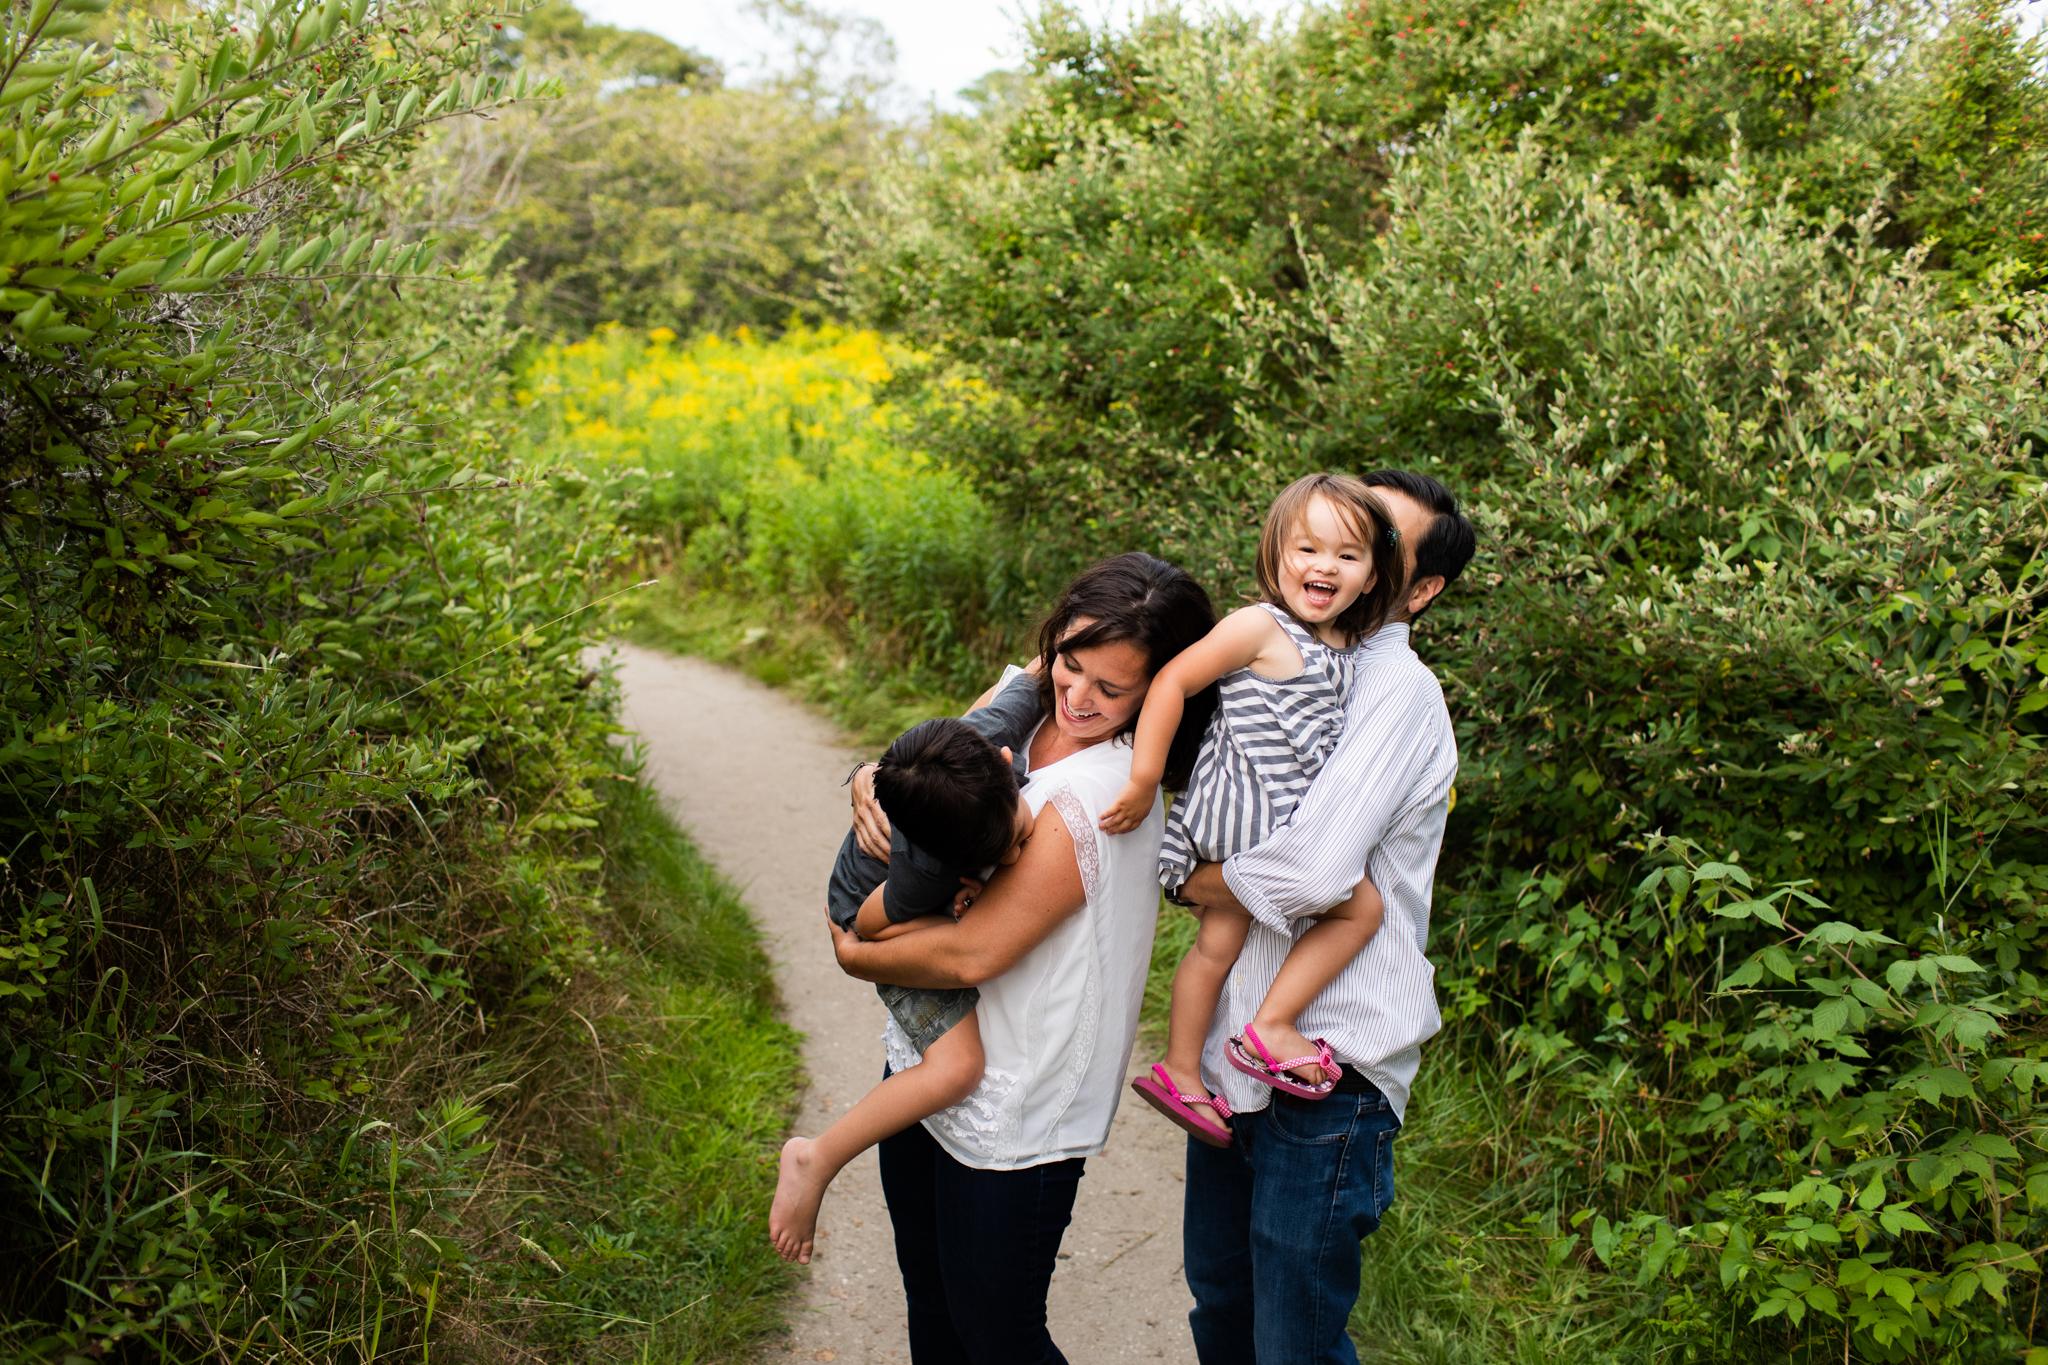 maine-family-photographer-beach-lifestyle -4.jpg